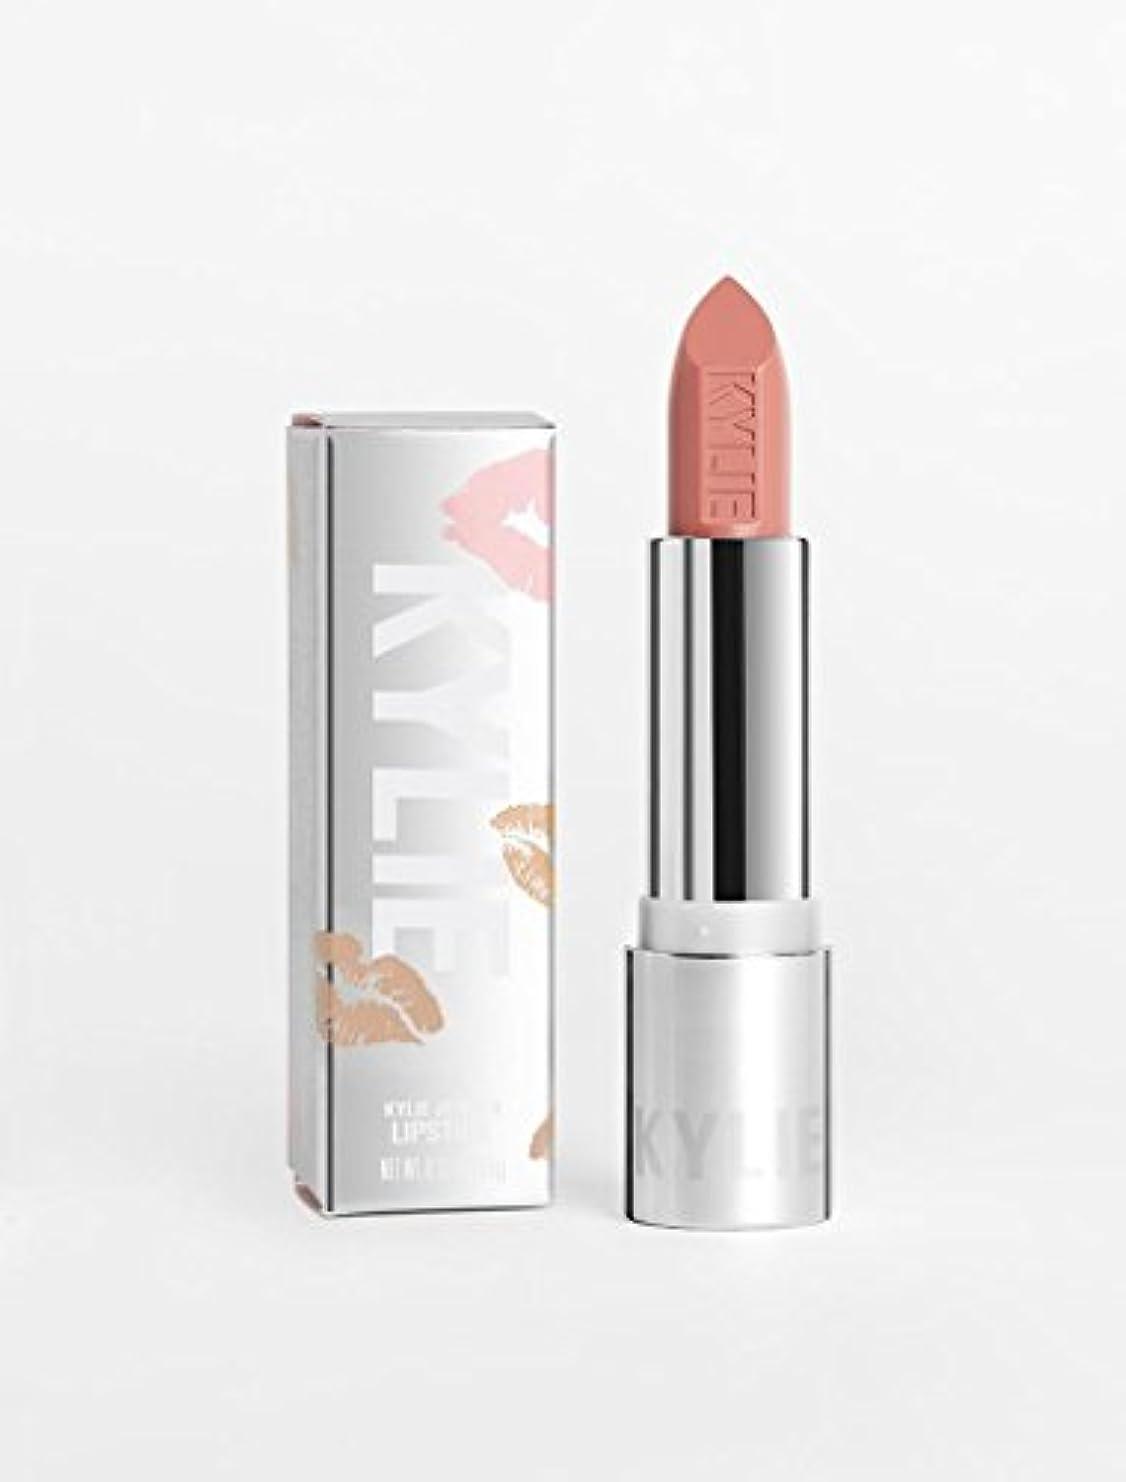 ぺディカブ要塞範囲KYLIE COSMETICS Crème Lipstick カイリー コスメ クリームリップスティック (Crème Brulee)